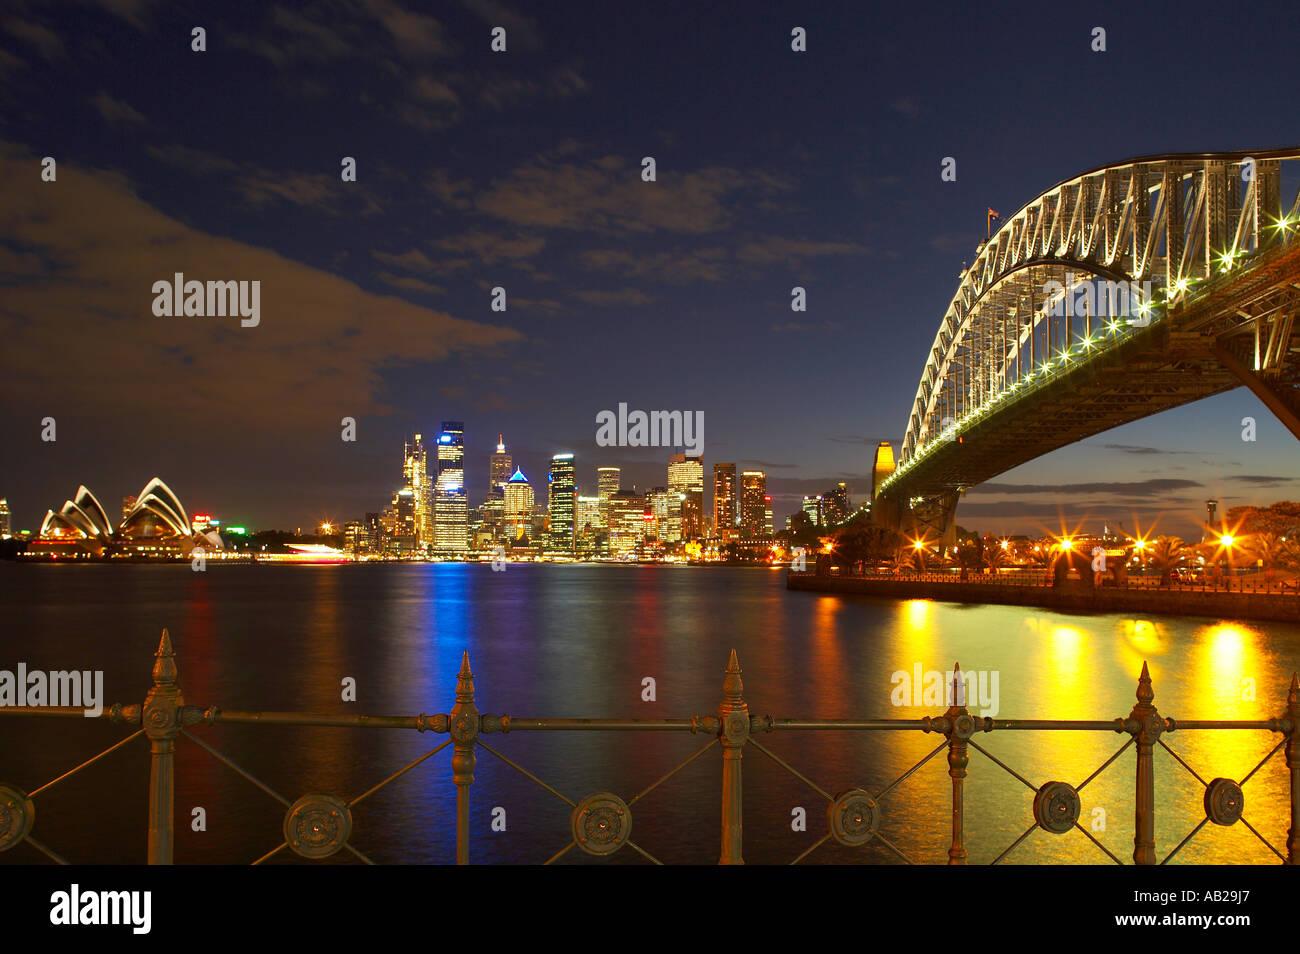 die Harbour Bridge Opera House Innenstadt in der Nacht vom Milsons Point Sydney New South Wales Australien Stockfoto